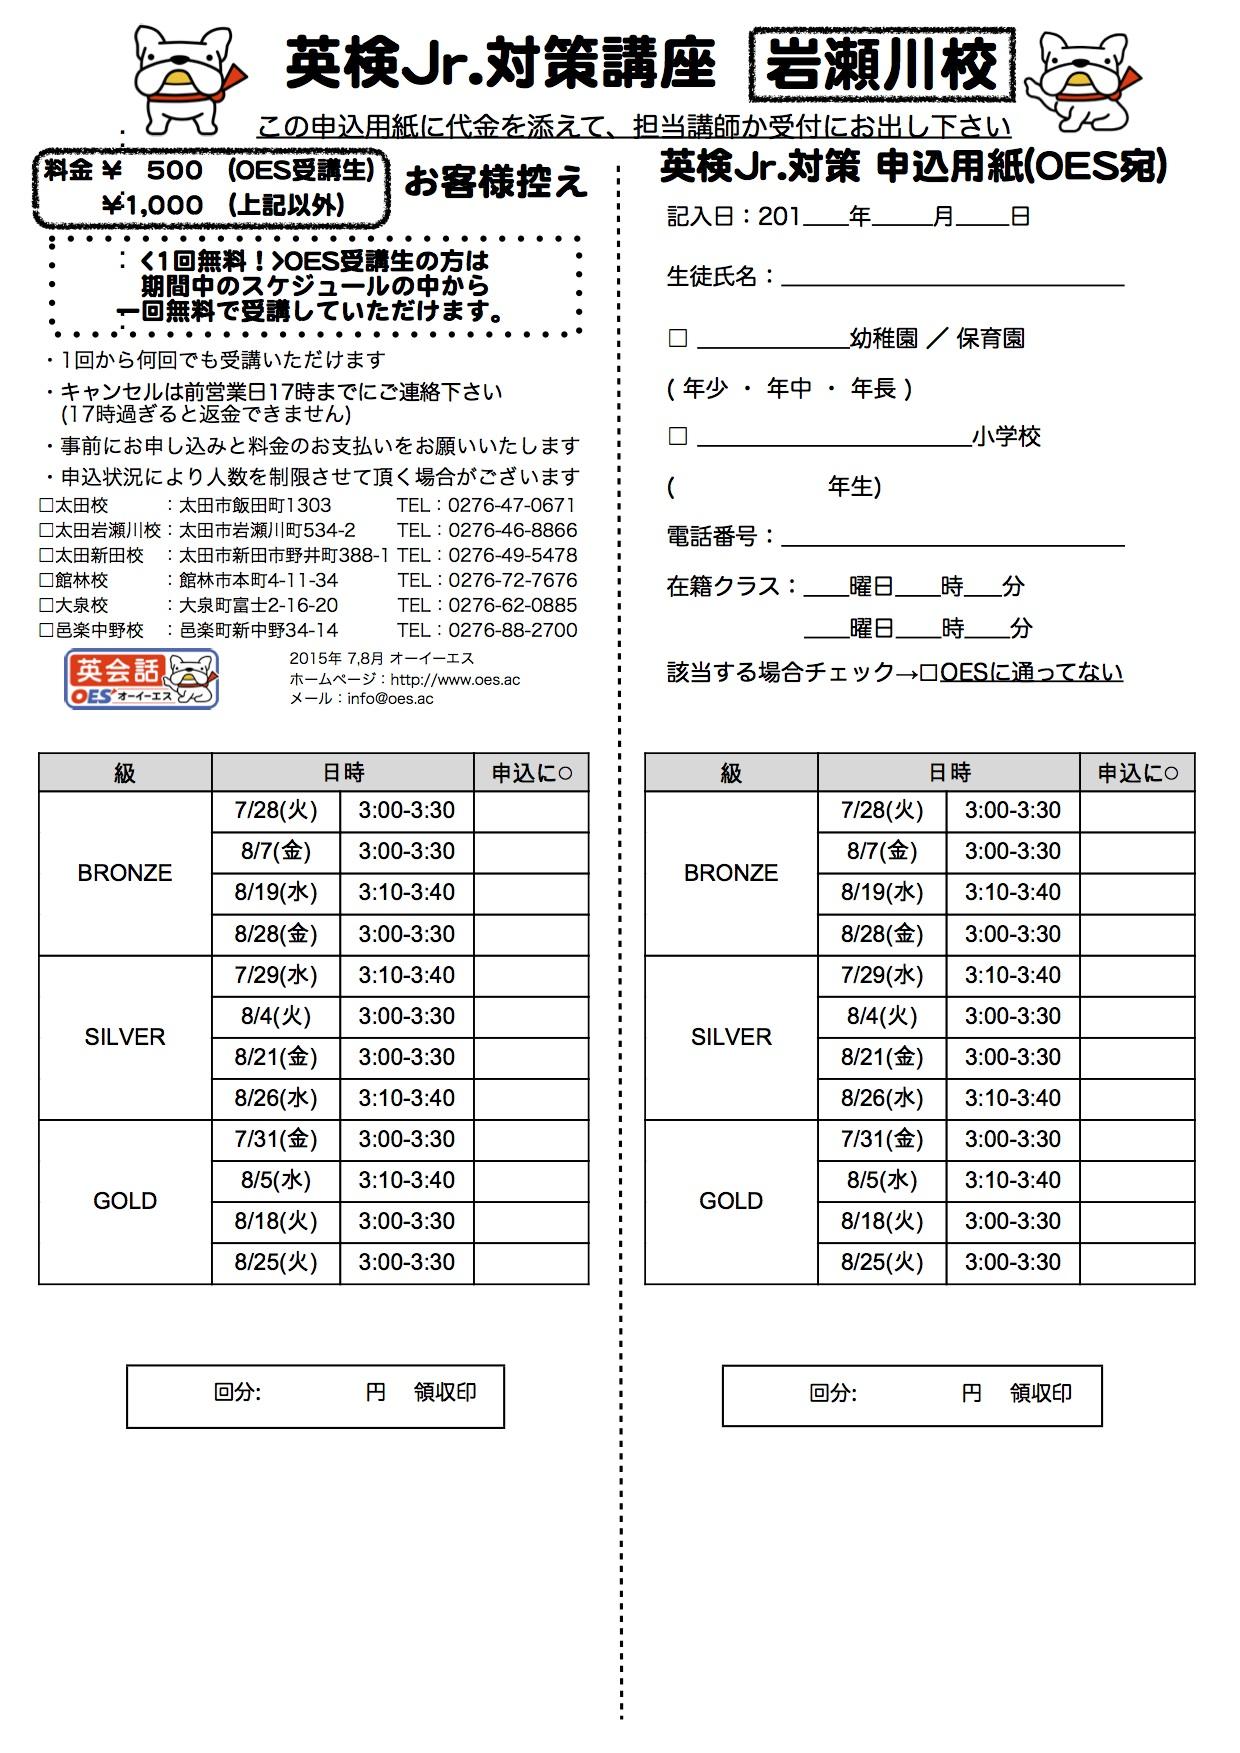 申込用紙 2015-2 岩瀬川校